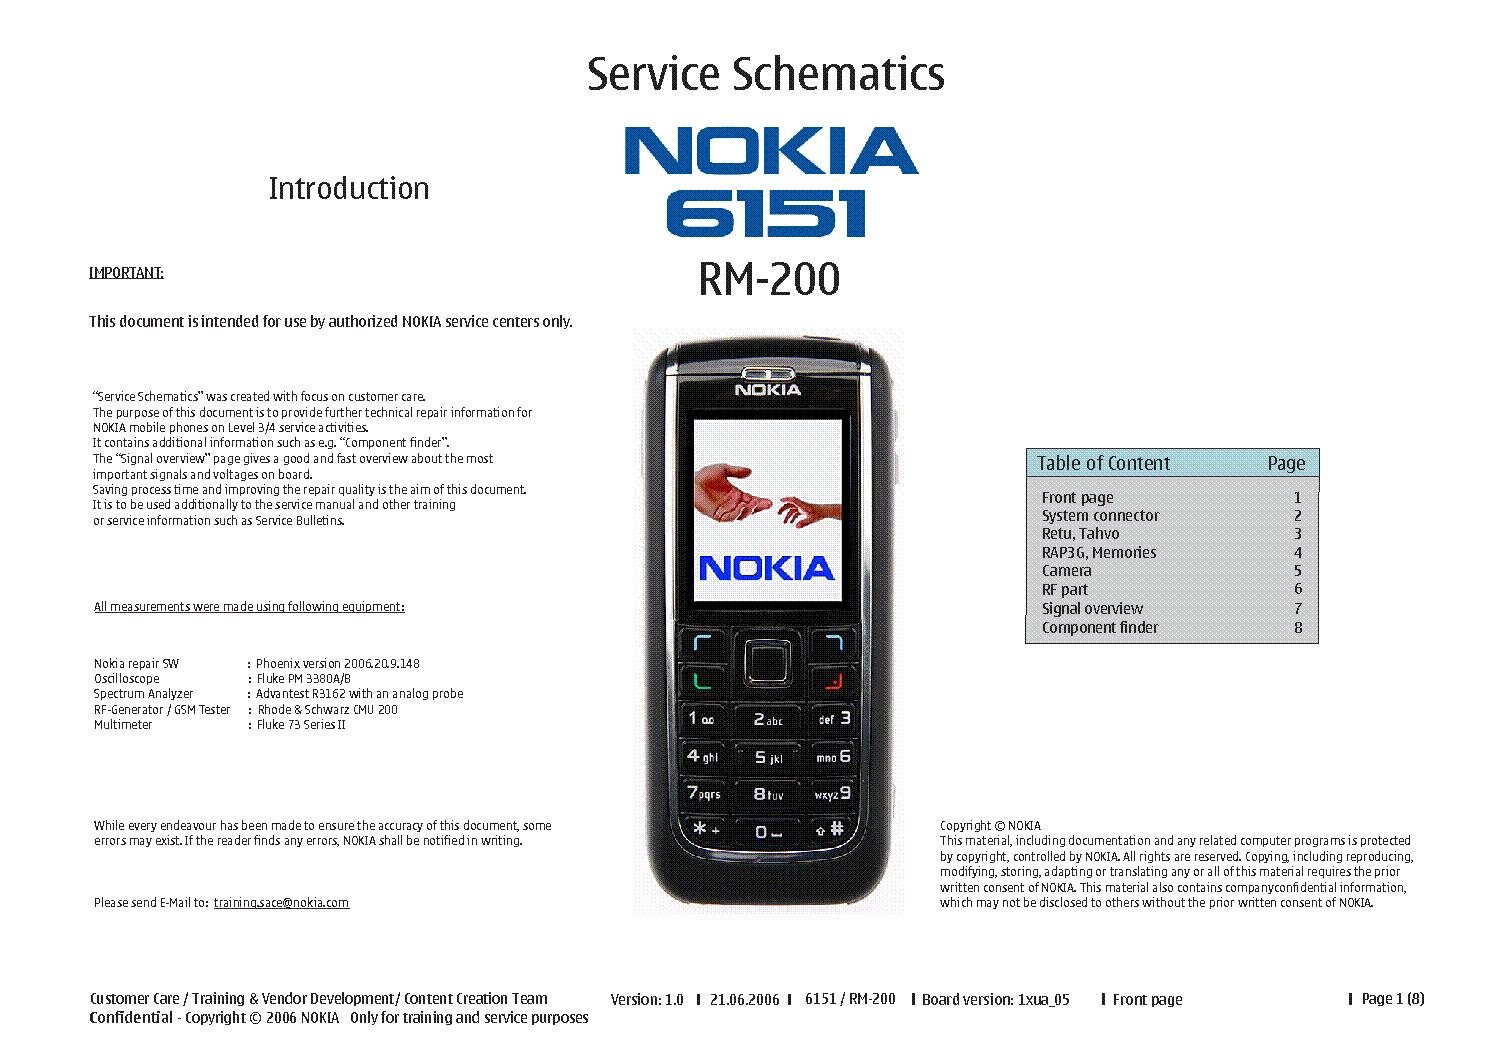 nokia 6151 rm